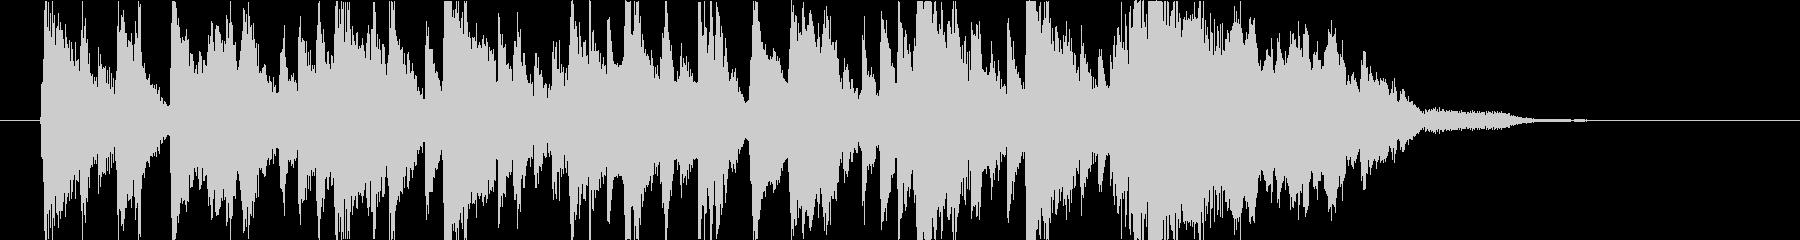 ポップ.キュート.ピアノ.ジングル.ロゴの未再生の波形